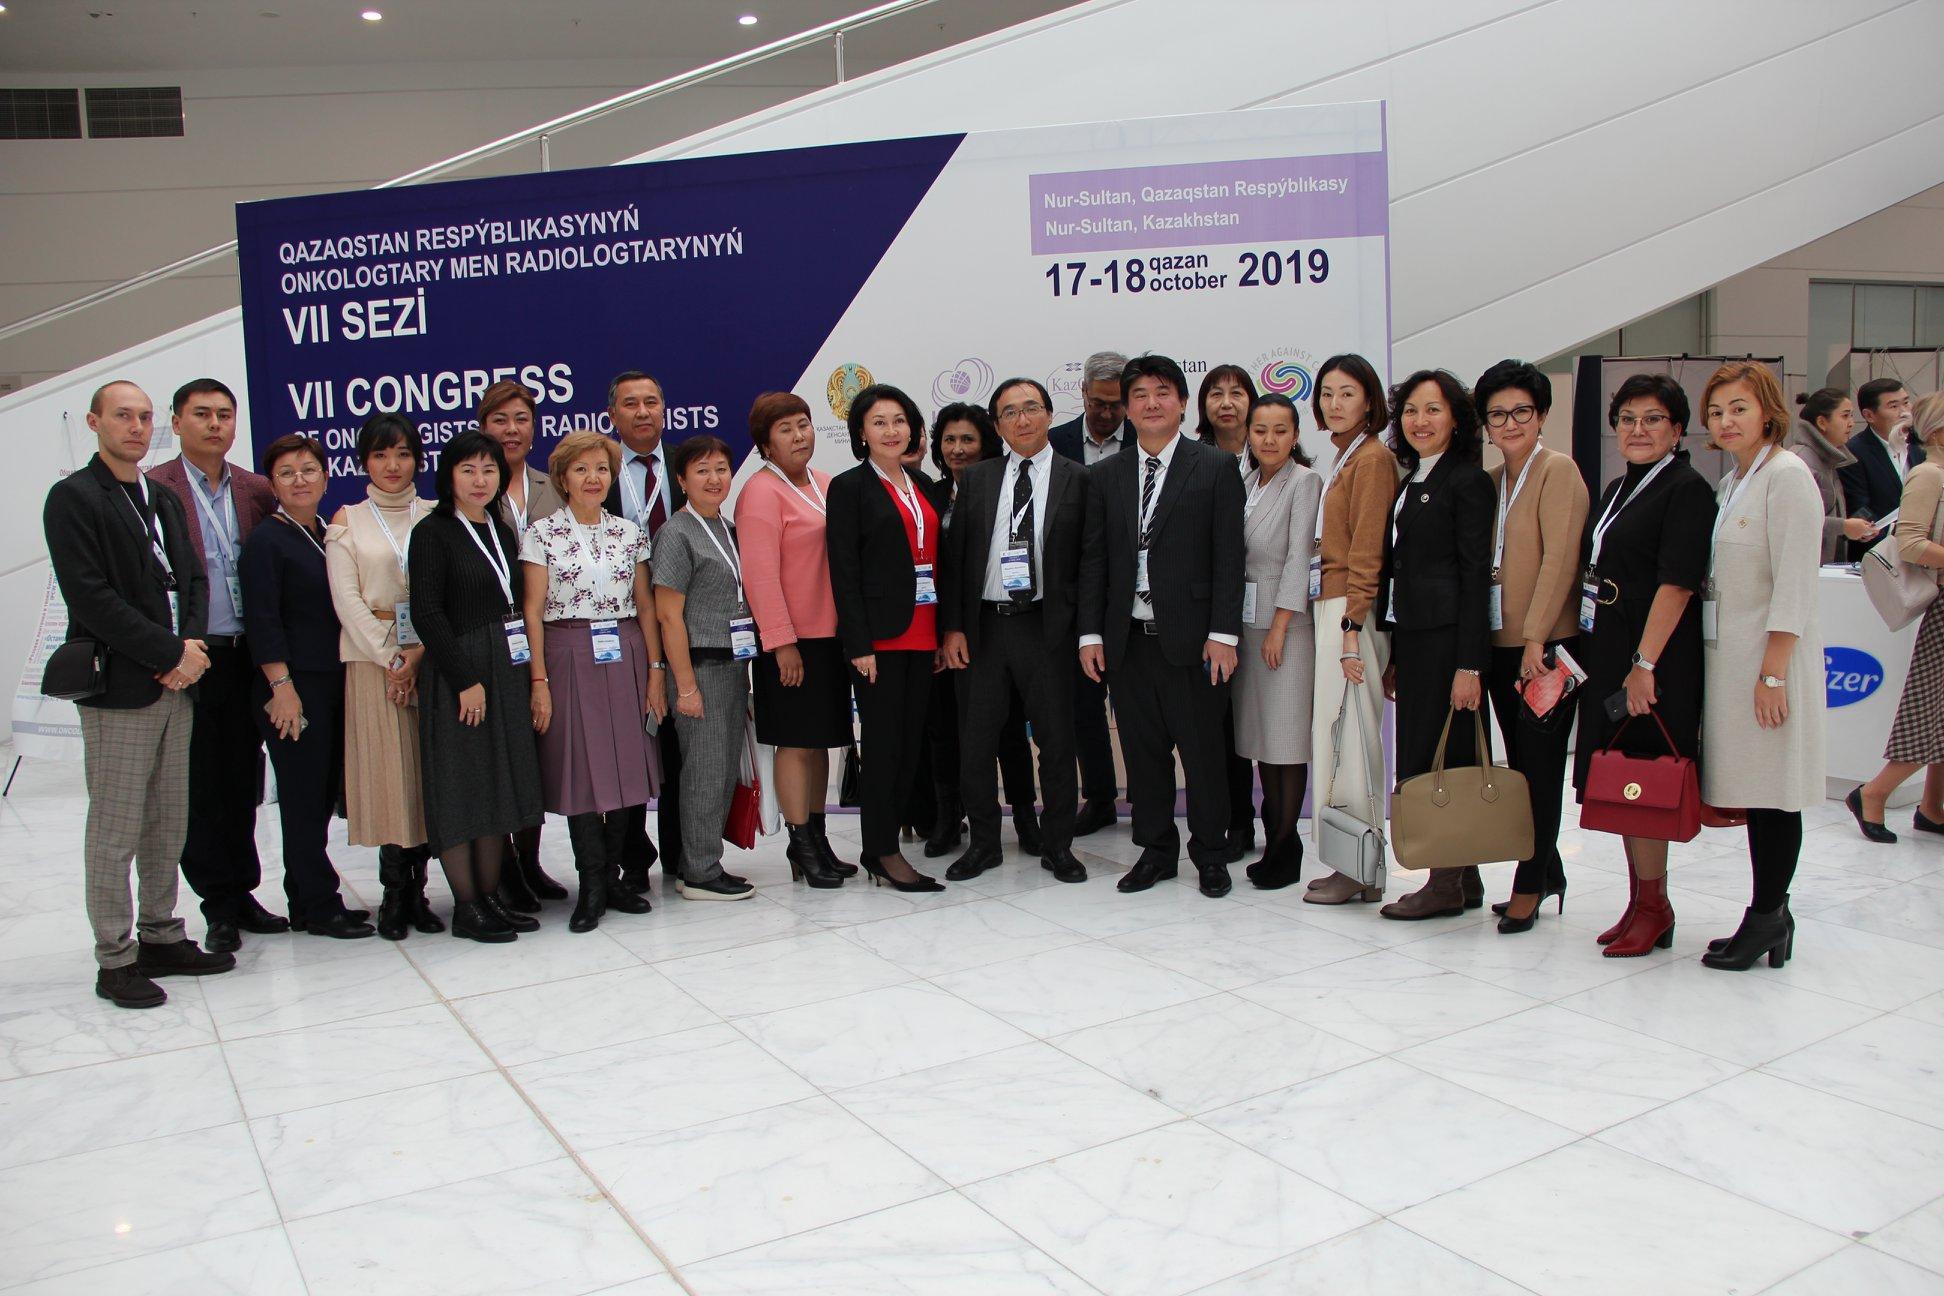 17-18 октября 2019 года в г. Нур-Султан проходит VII Съезд онкологов и радиологов РК с международным участием